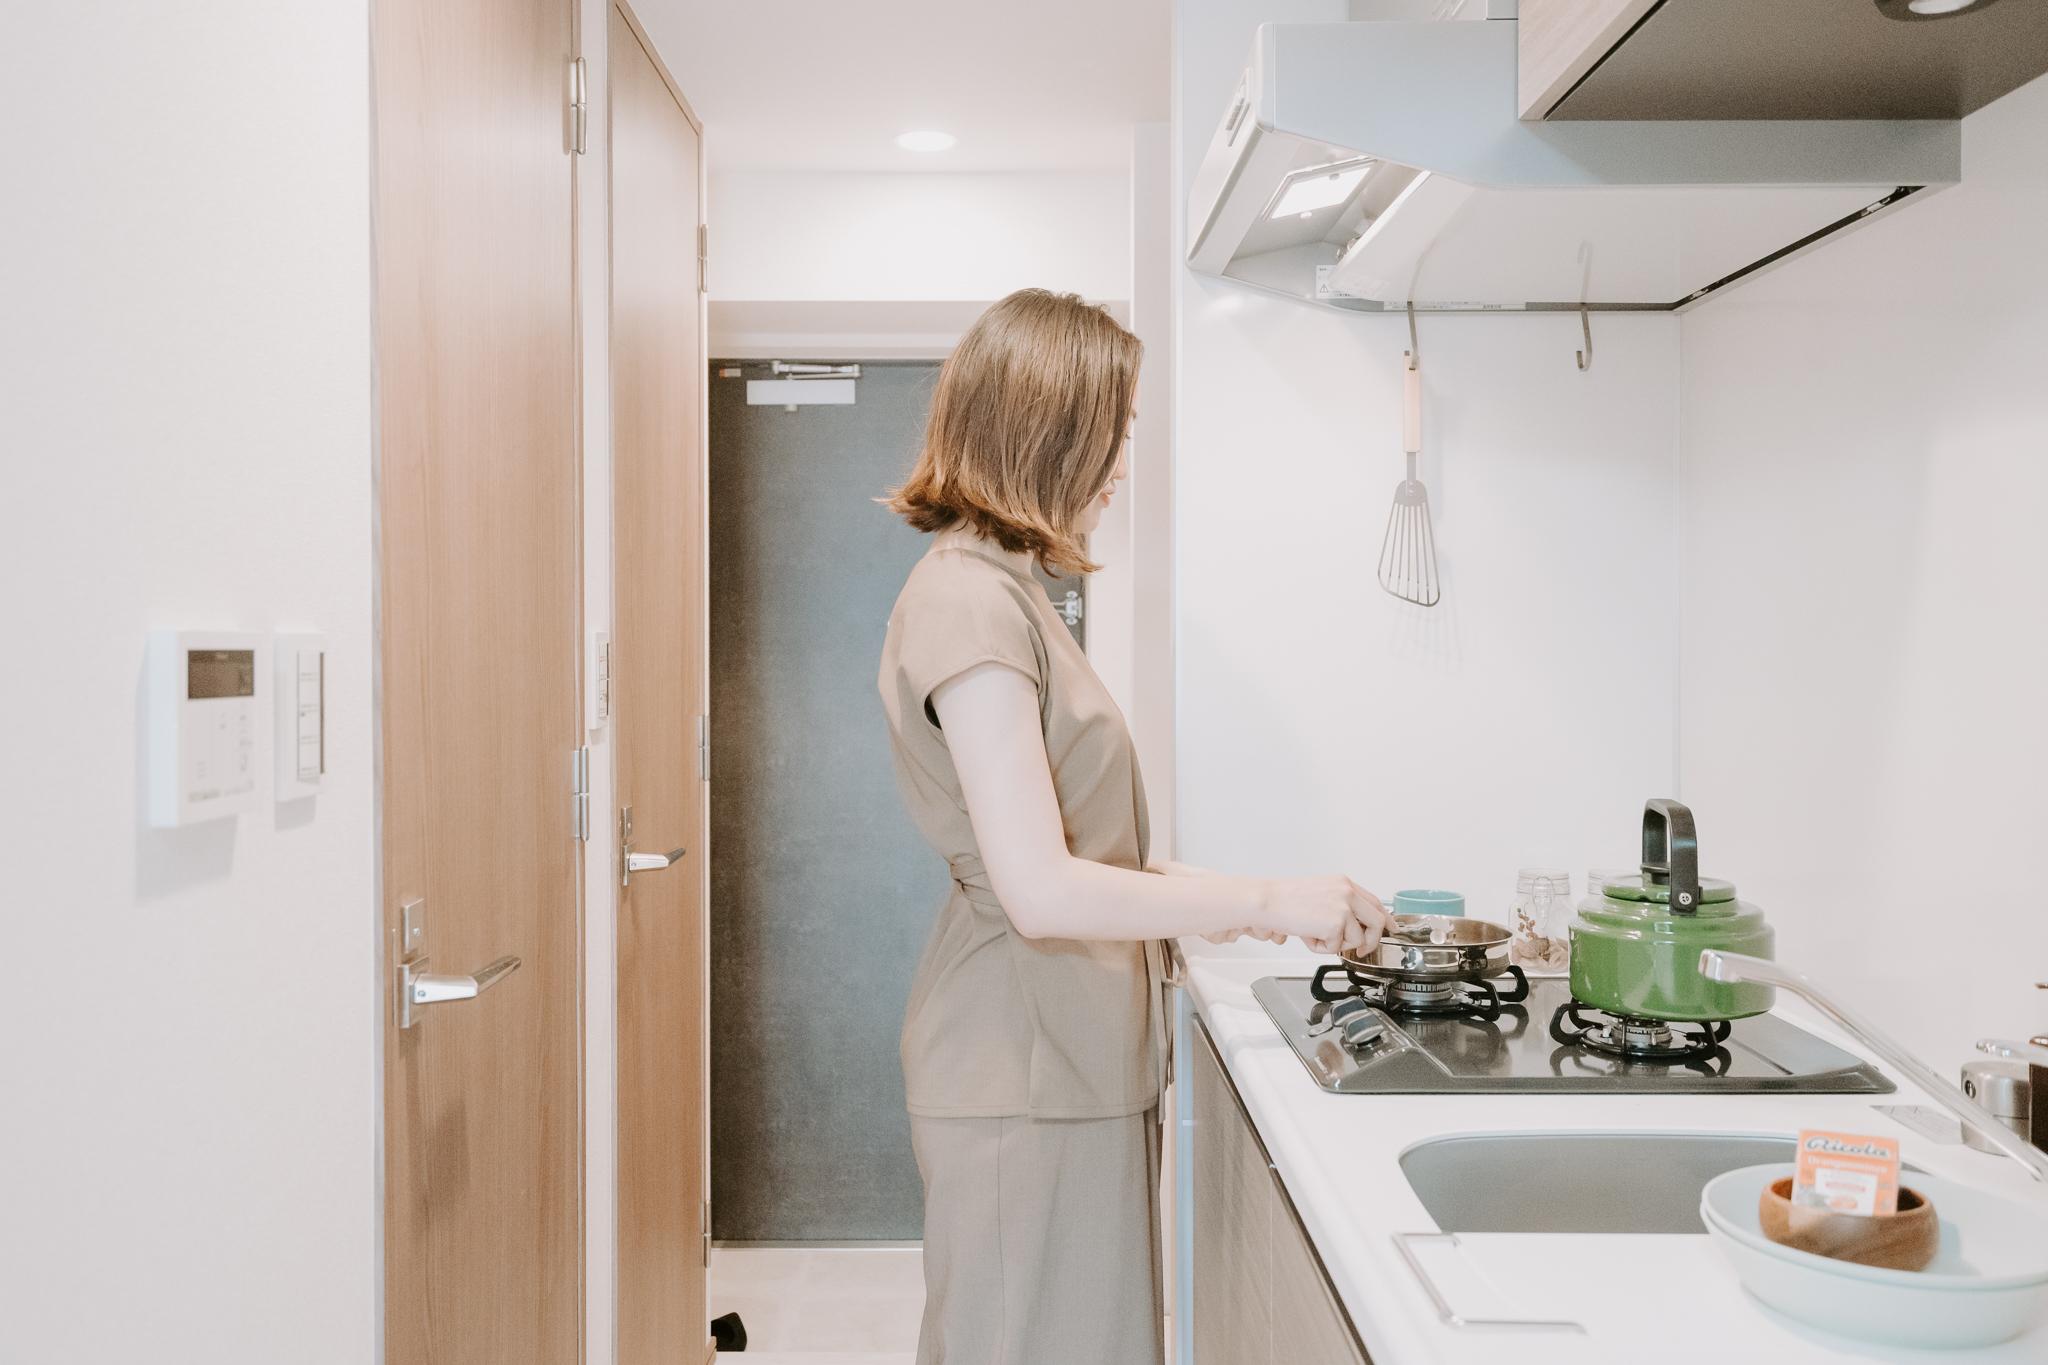 周辺のお店で買ってきたものを使いながら、ここ明るいキッチンで料理を楽しむ暮らしも想像できますね。